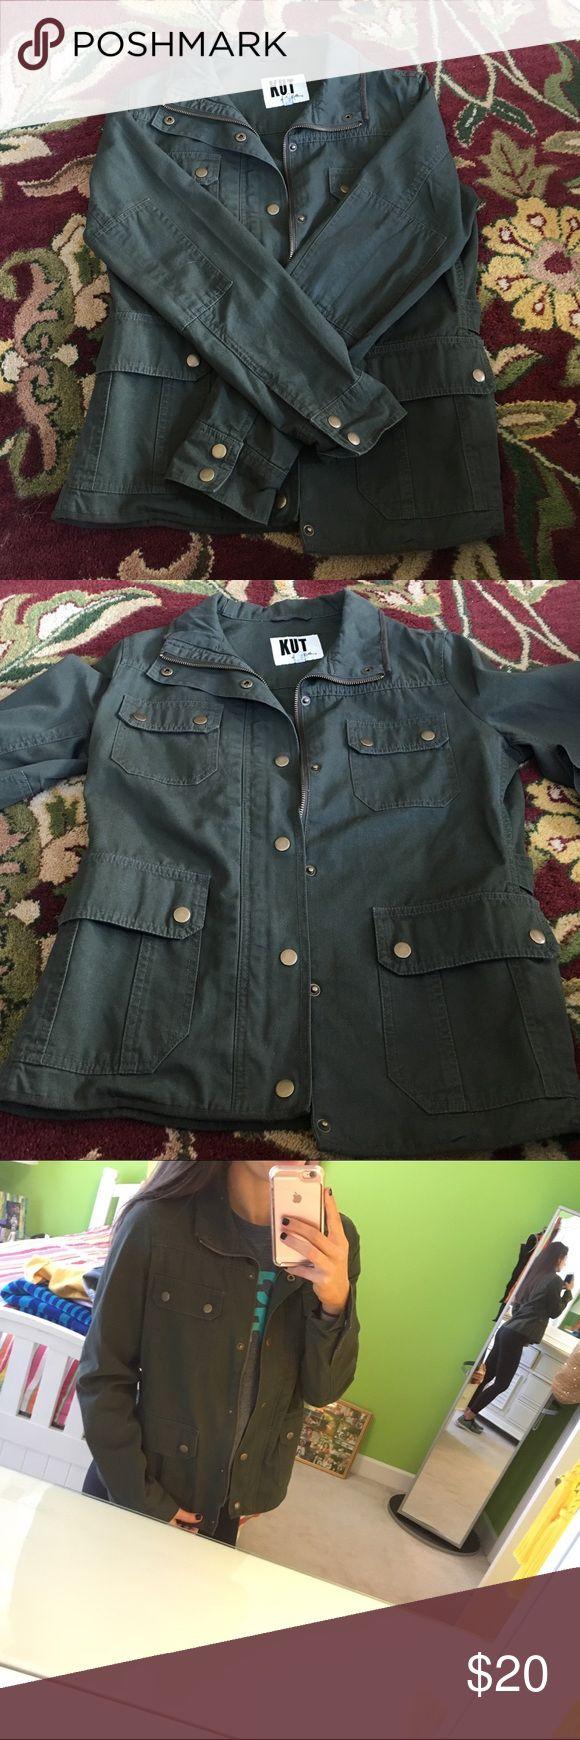 Green military jacket Green military jacket Kut from the Kloth Jackets & Coats Utility Jackets